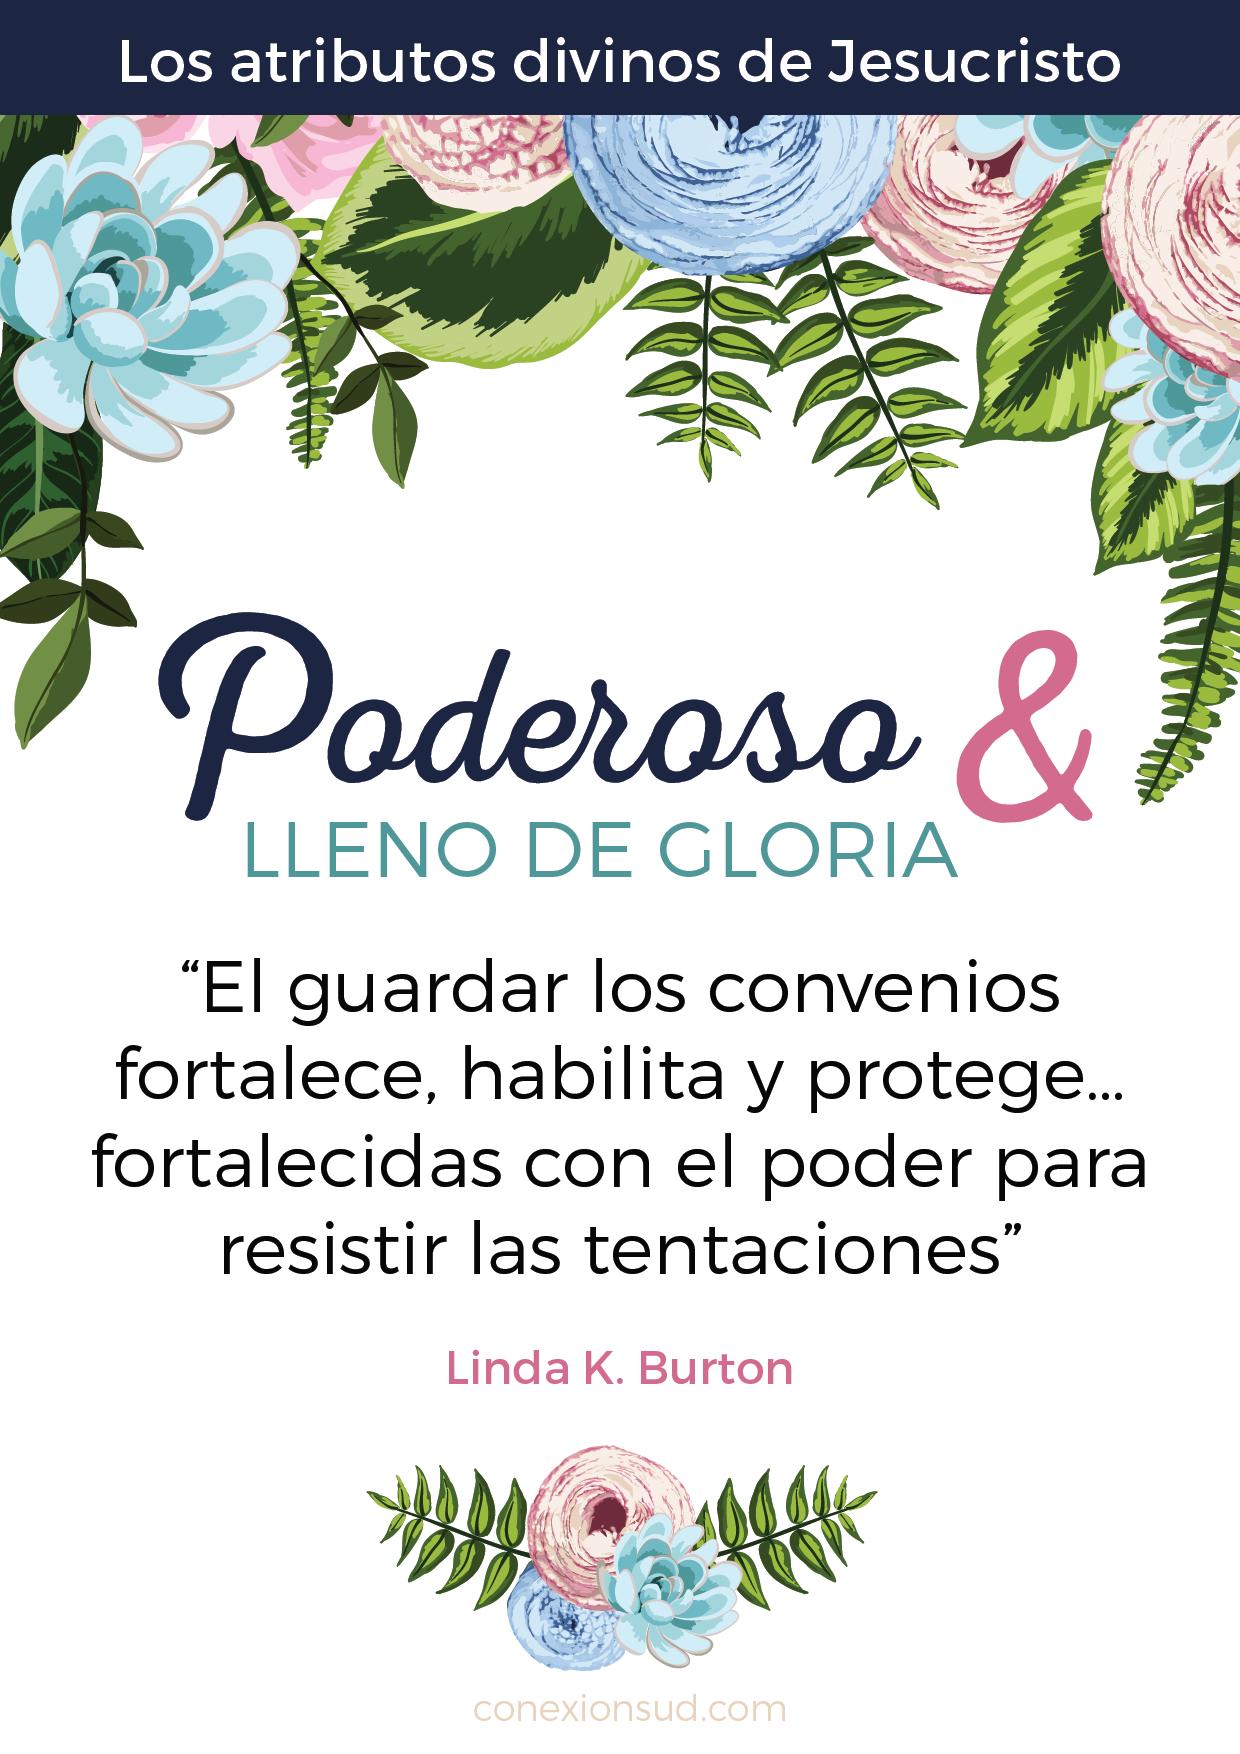 Maestras Visitantes -  Septiembre 2015 - ConexionSUD - MENSAJE DE LAS MAESTRAS VISITANTES | Septiembre 2015